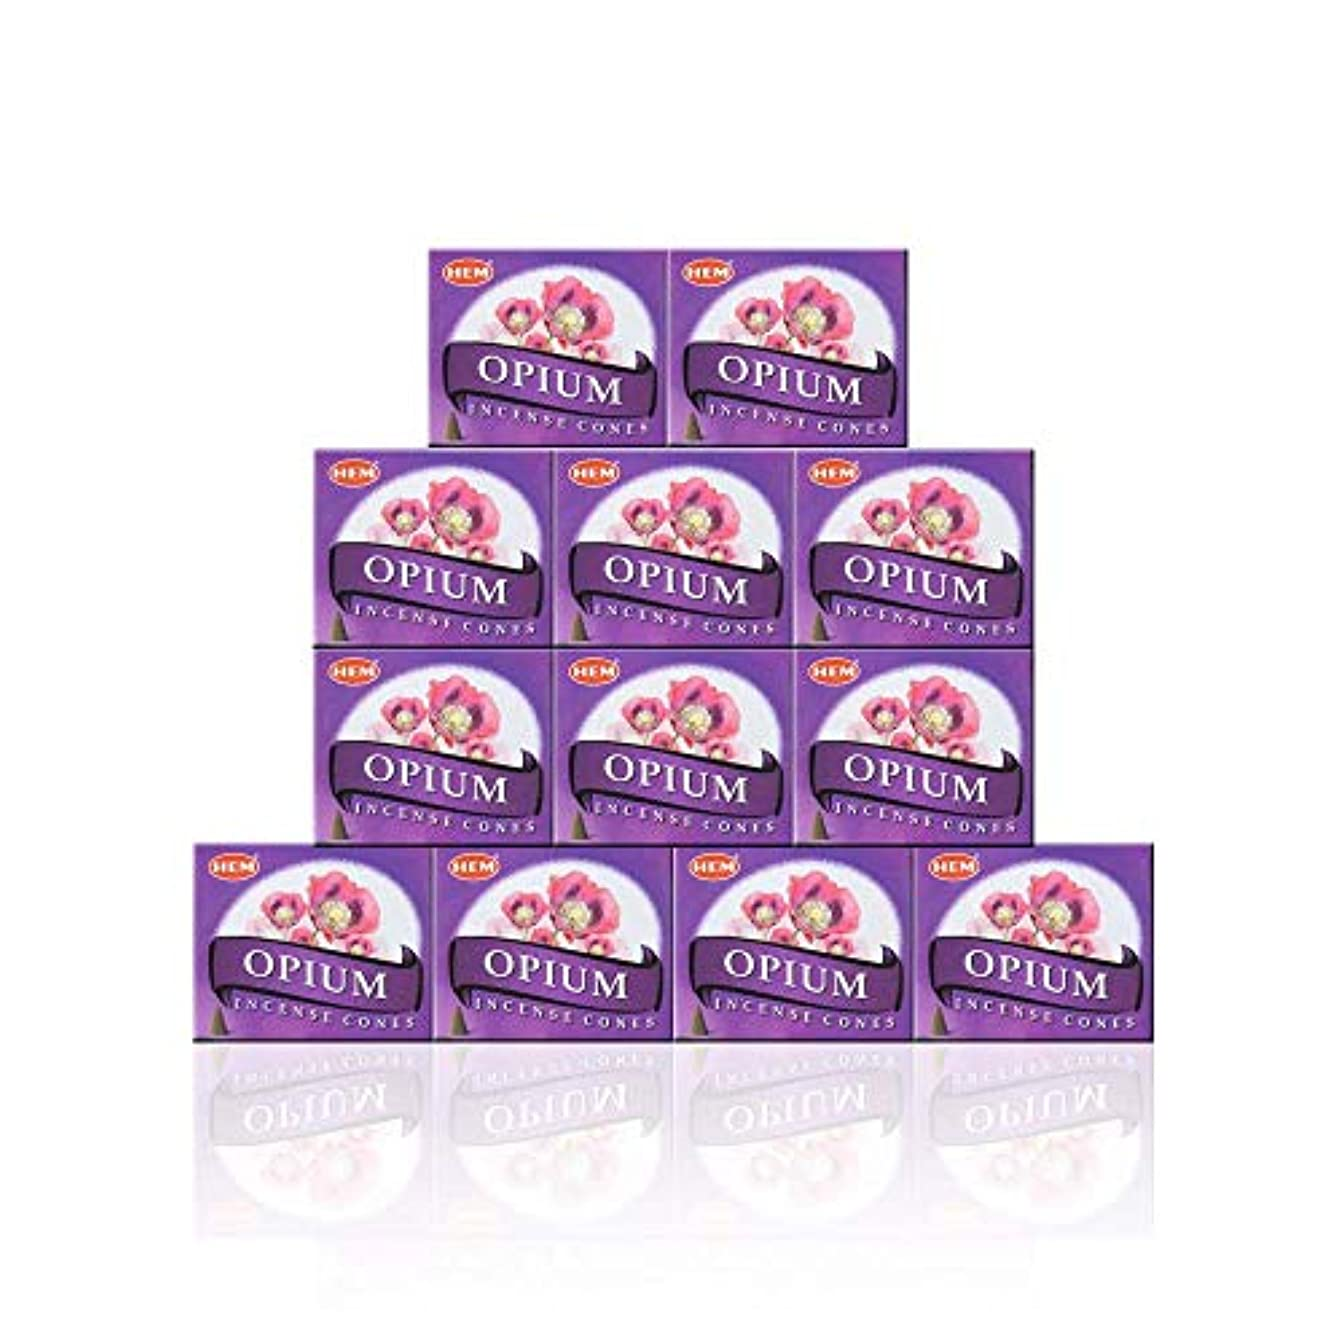 引くストレスの多い実業家HEM(ヘム) オピウム香 コーンタイプ OPIUM CORN 12箱セット